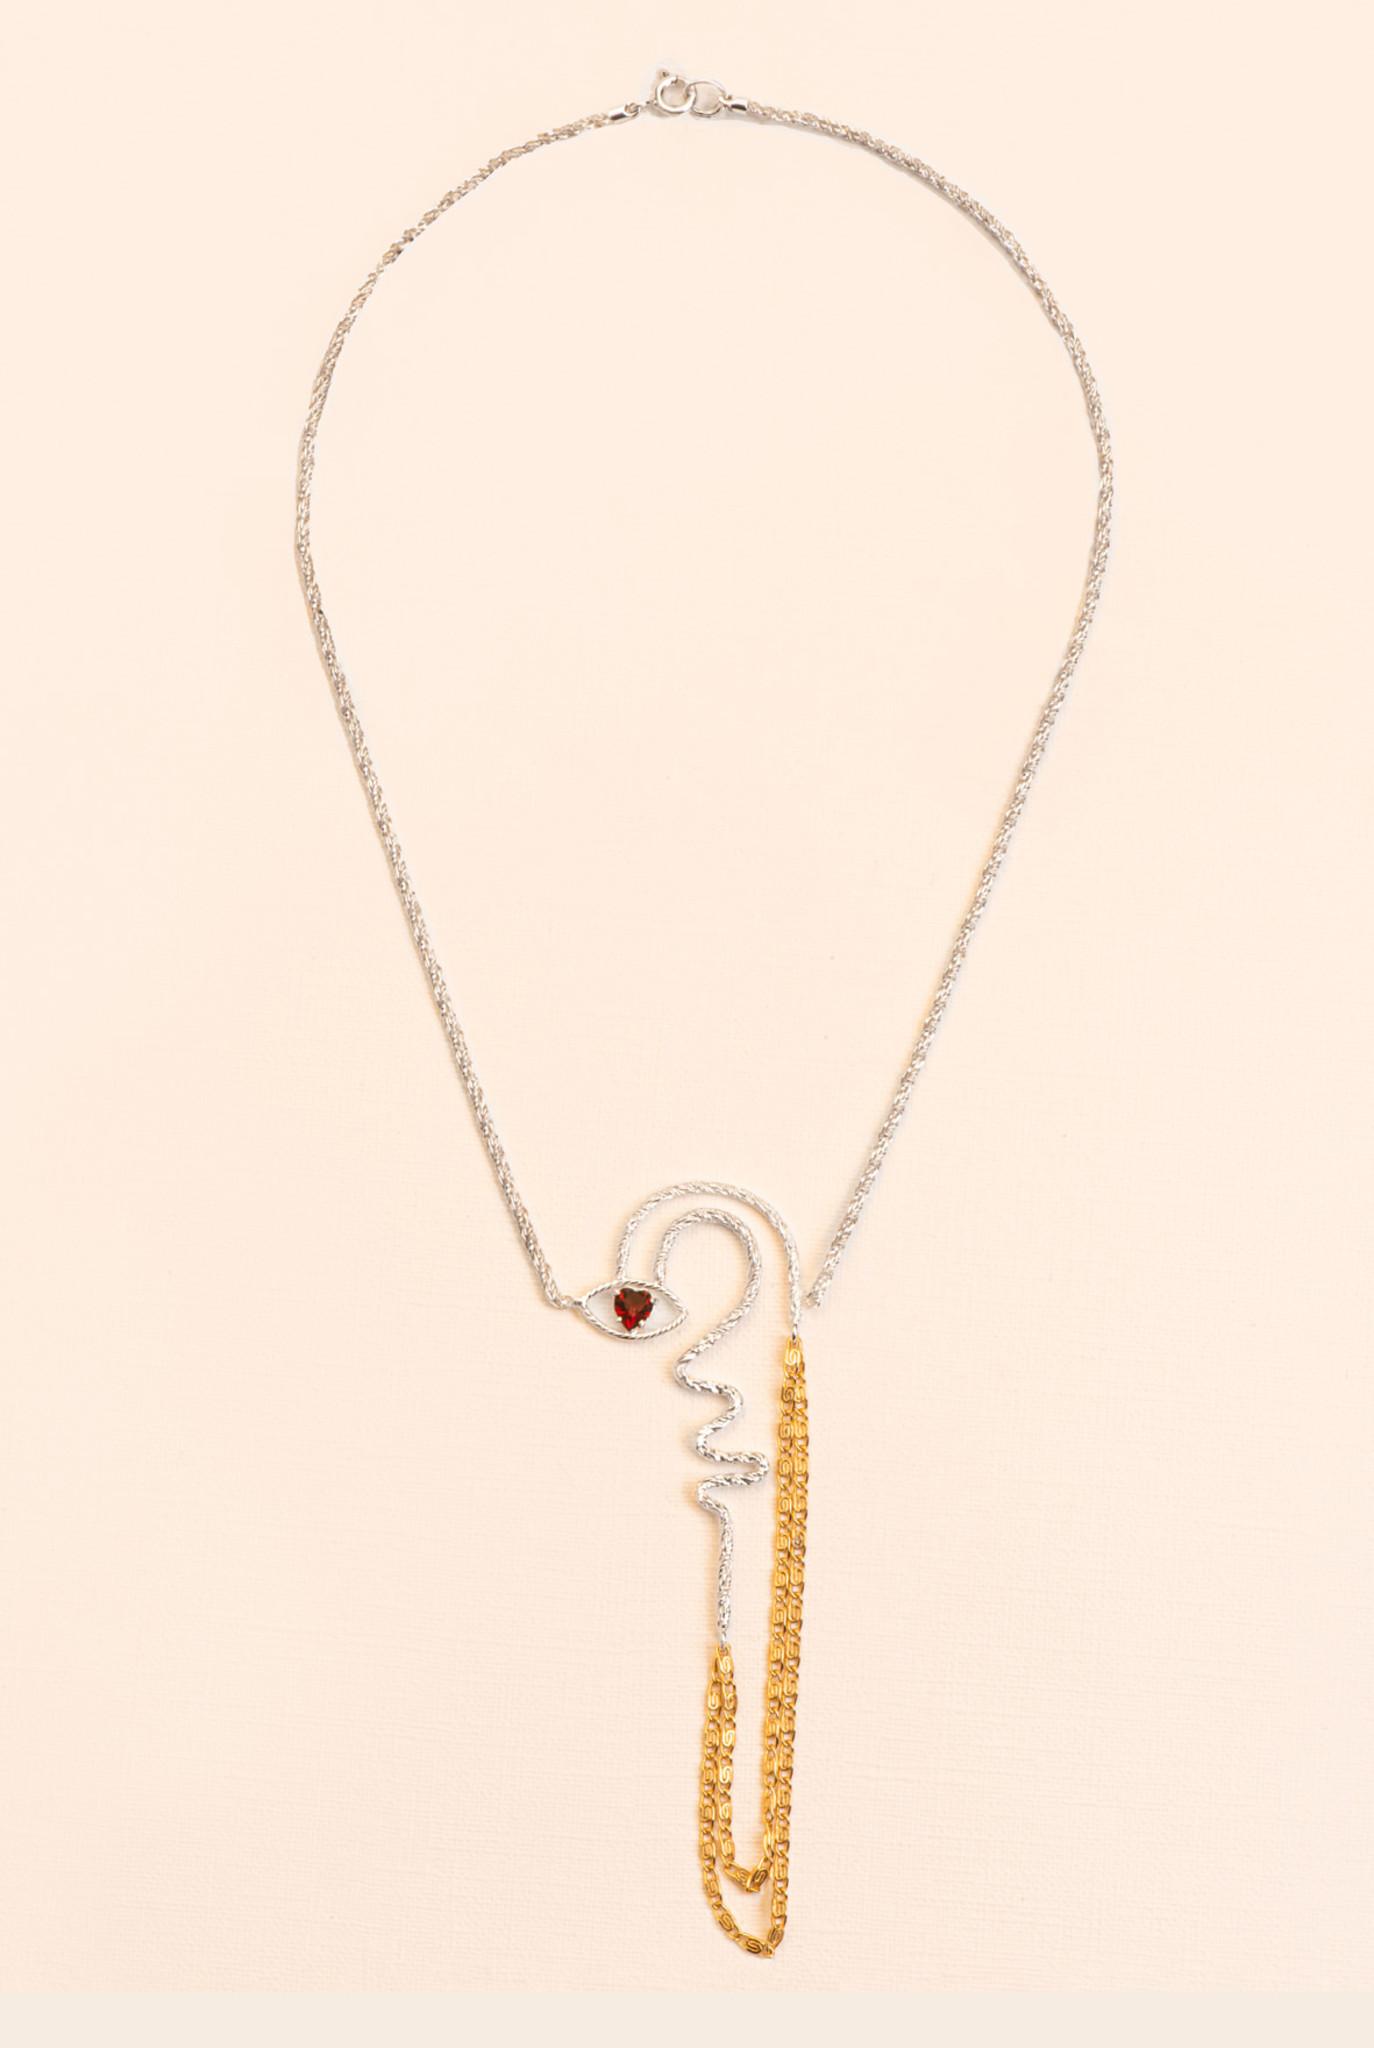 Statement necklace with garnet detail